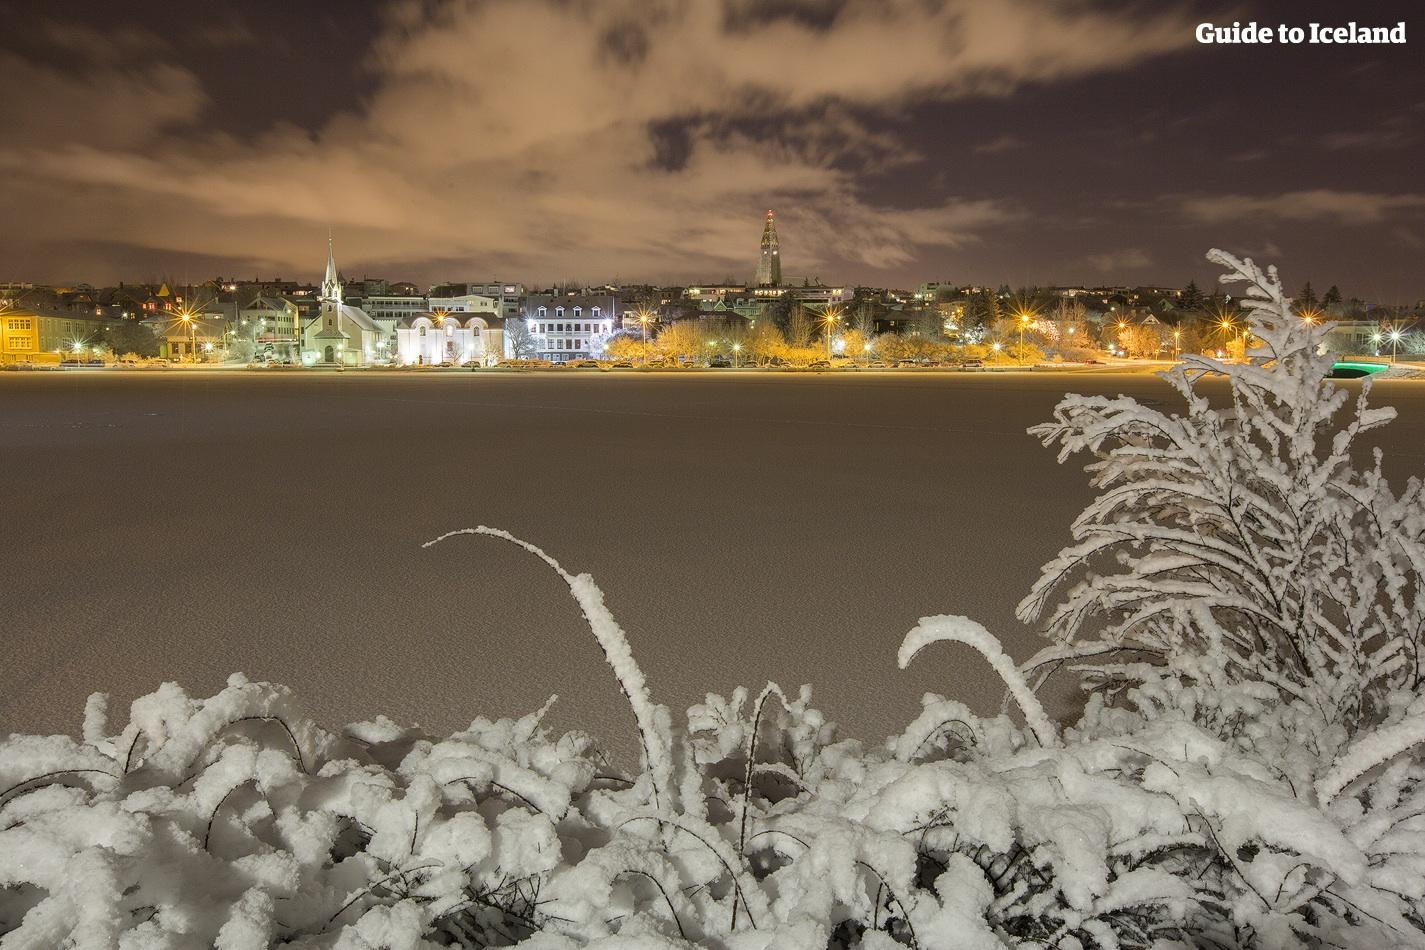 Viaje a fondo de 10 días en invierno a tu aire | Snæfellsnes, Auroras Boreales y la Costa Sur - day 1